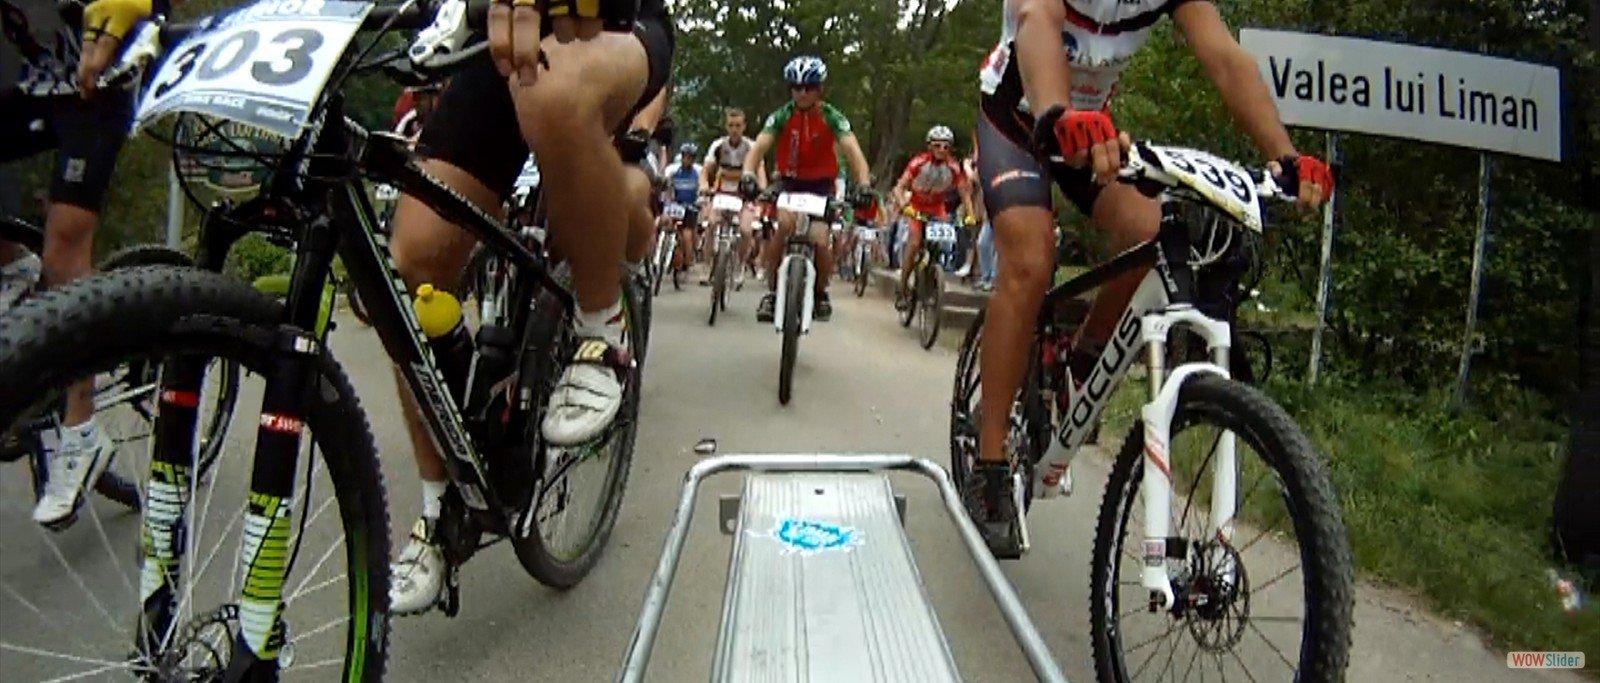 Liman Bike Race 2013  editia a VIII a